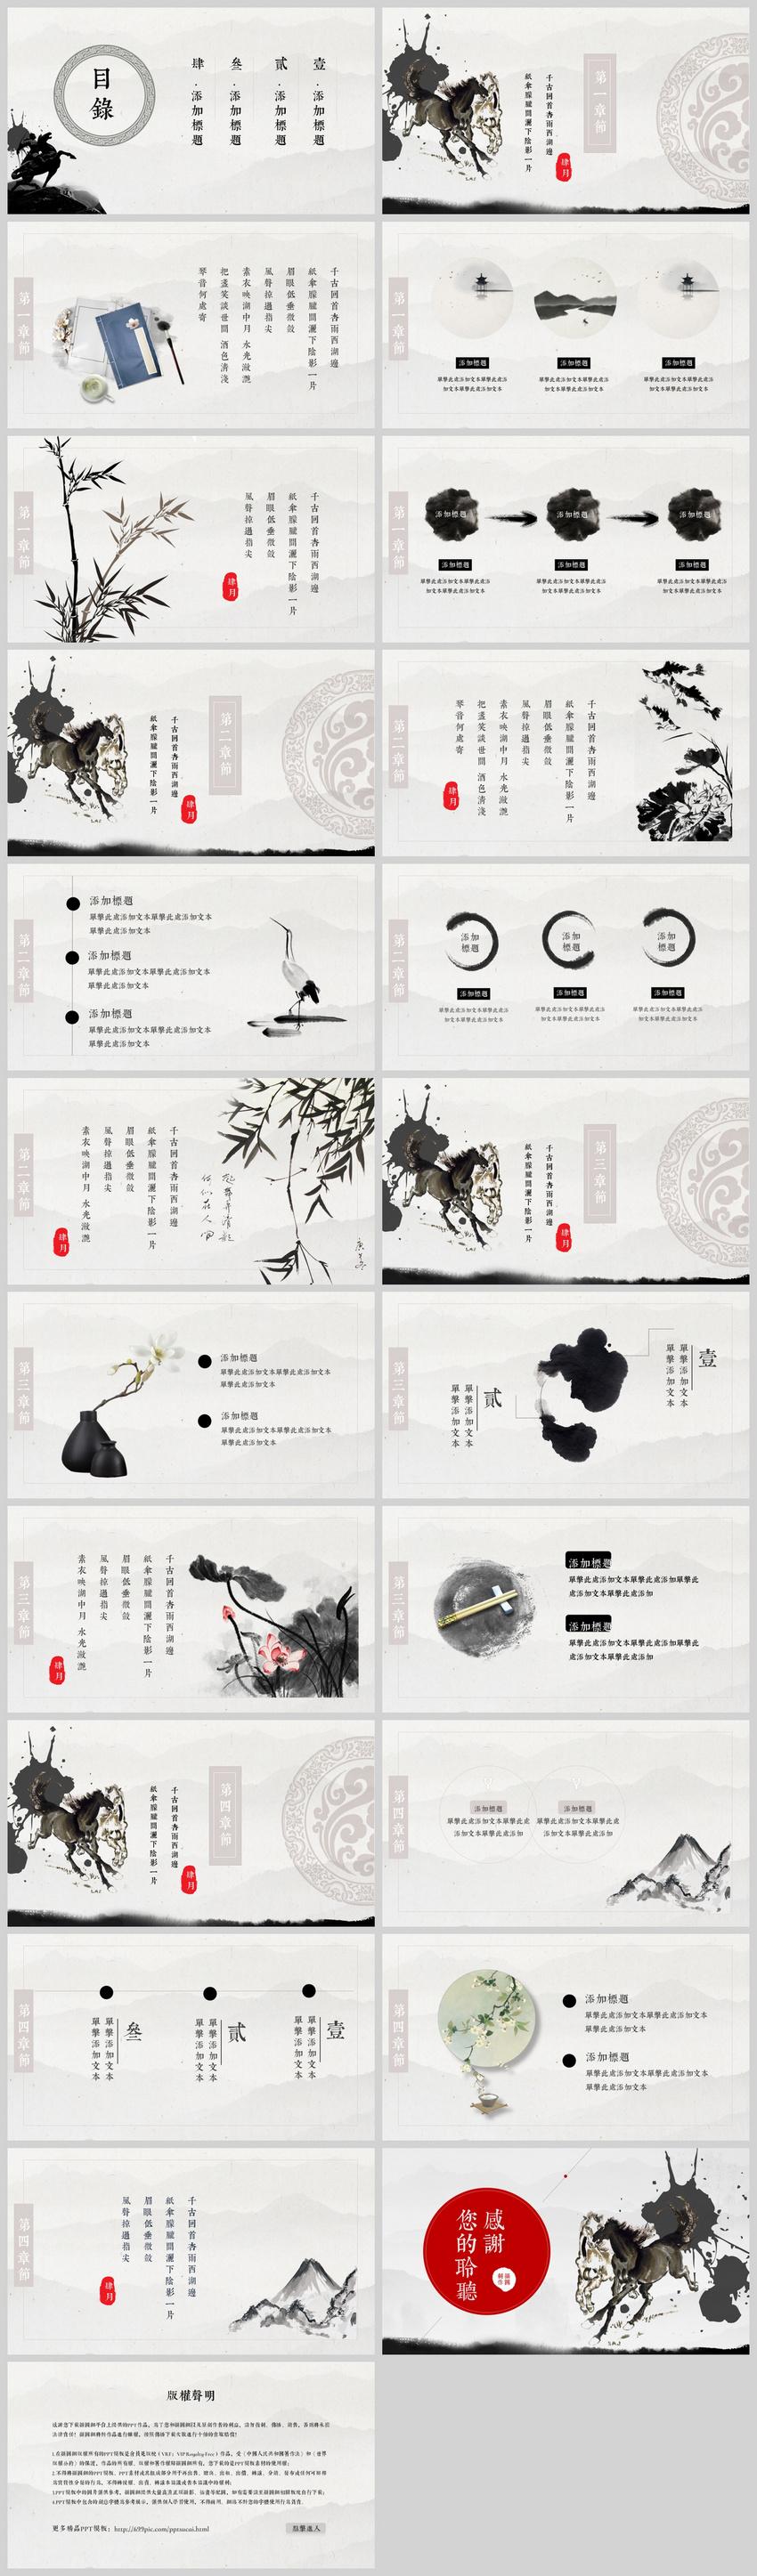 中国风复古计划总结PPT模板图片